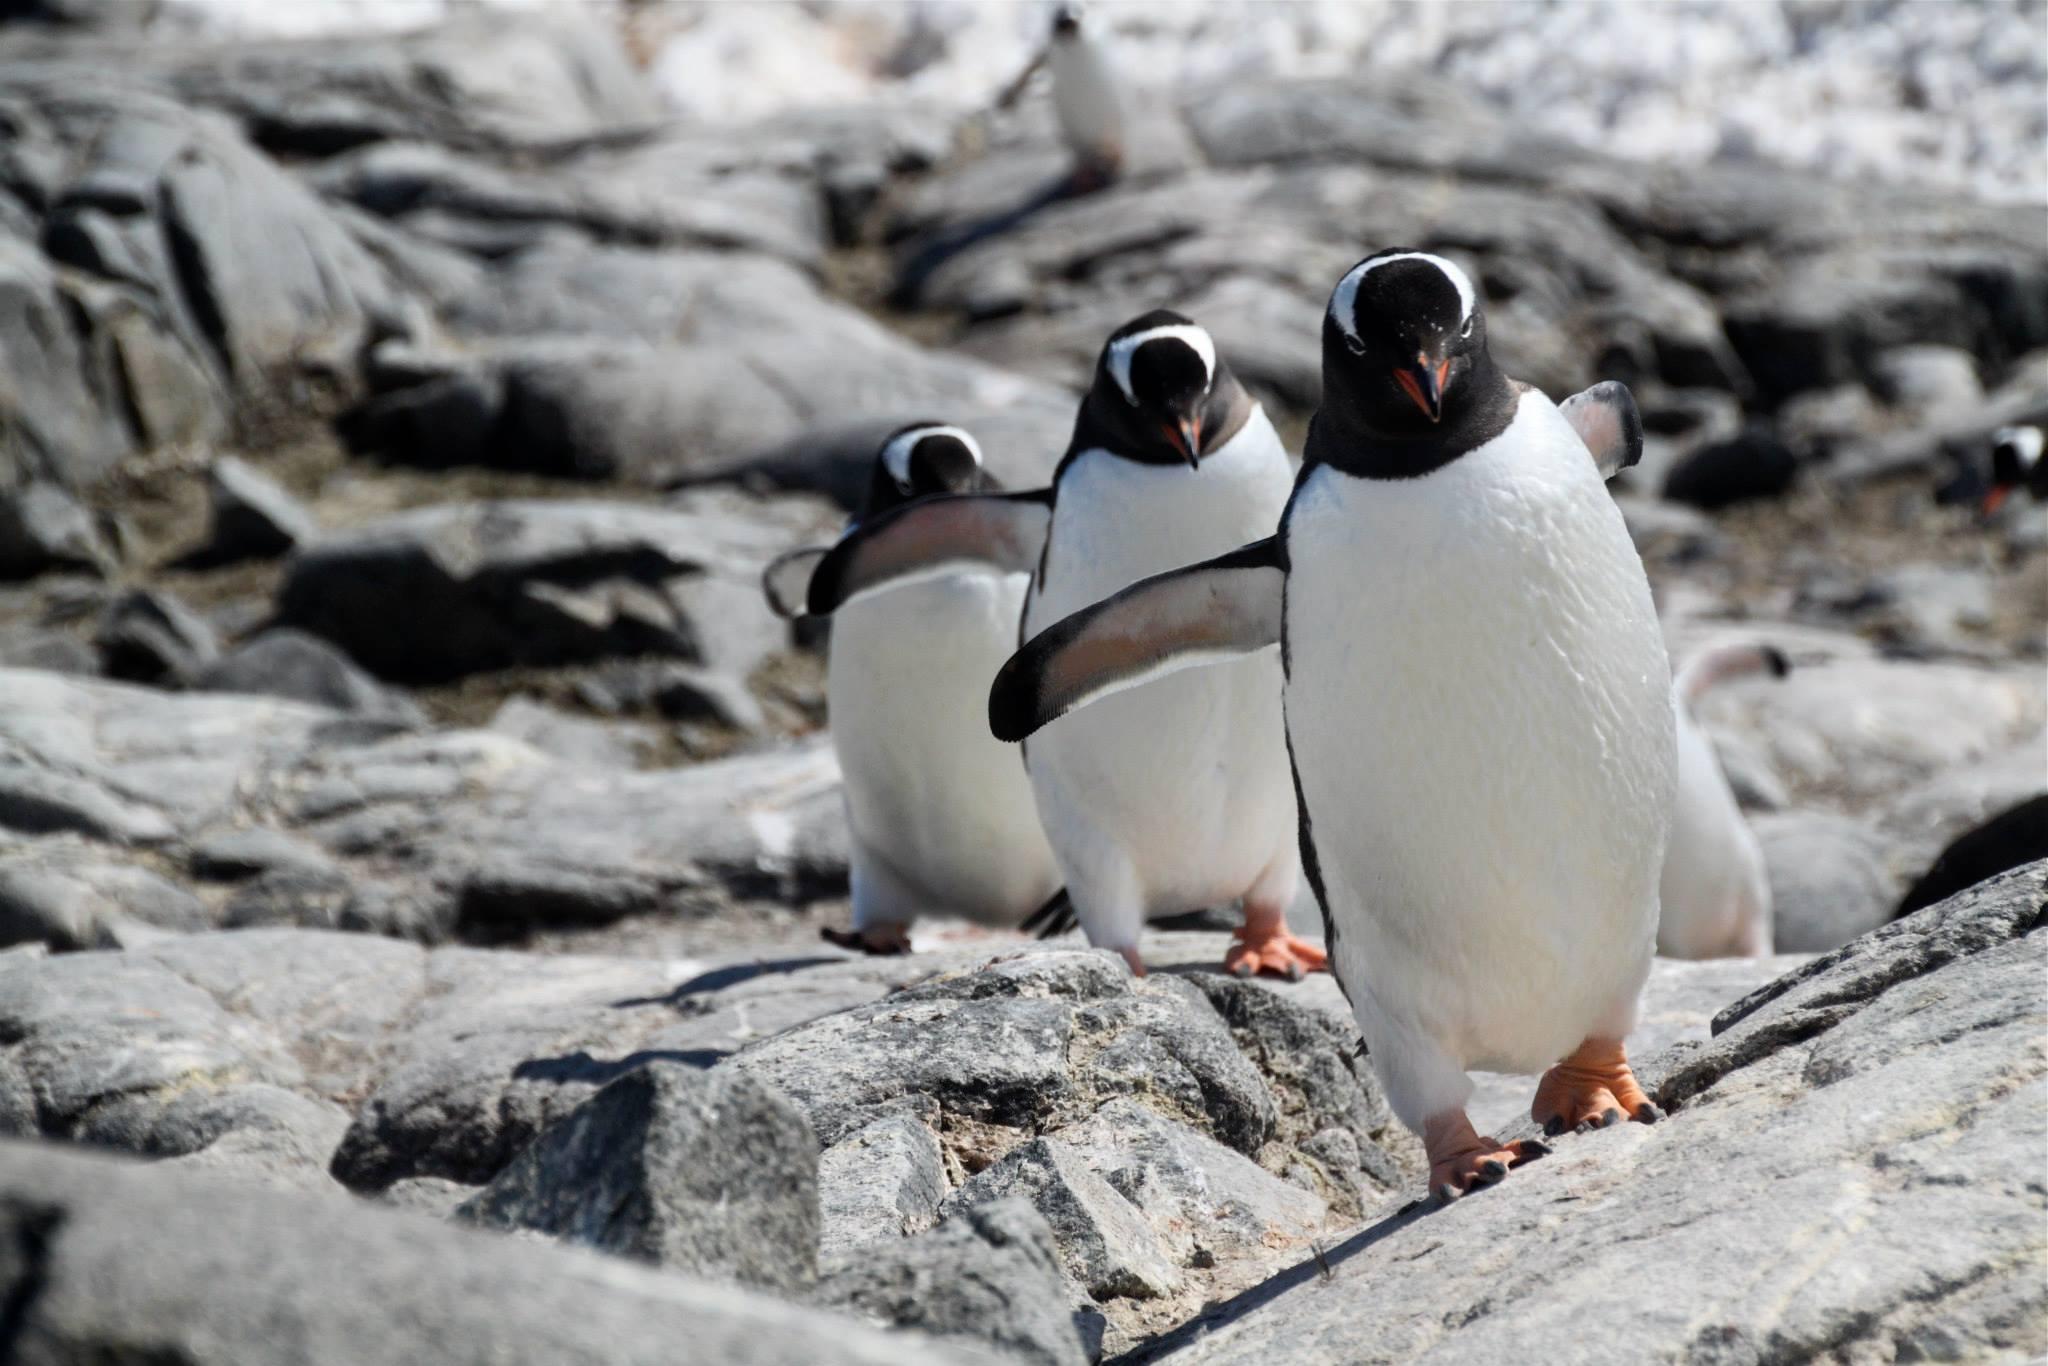 שייט באנטרקטיקה - פינגווינים - דרך הים